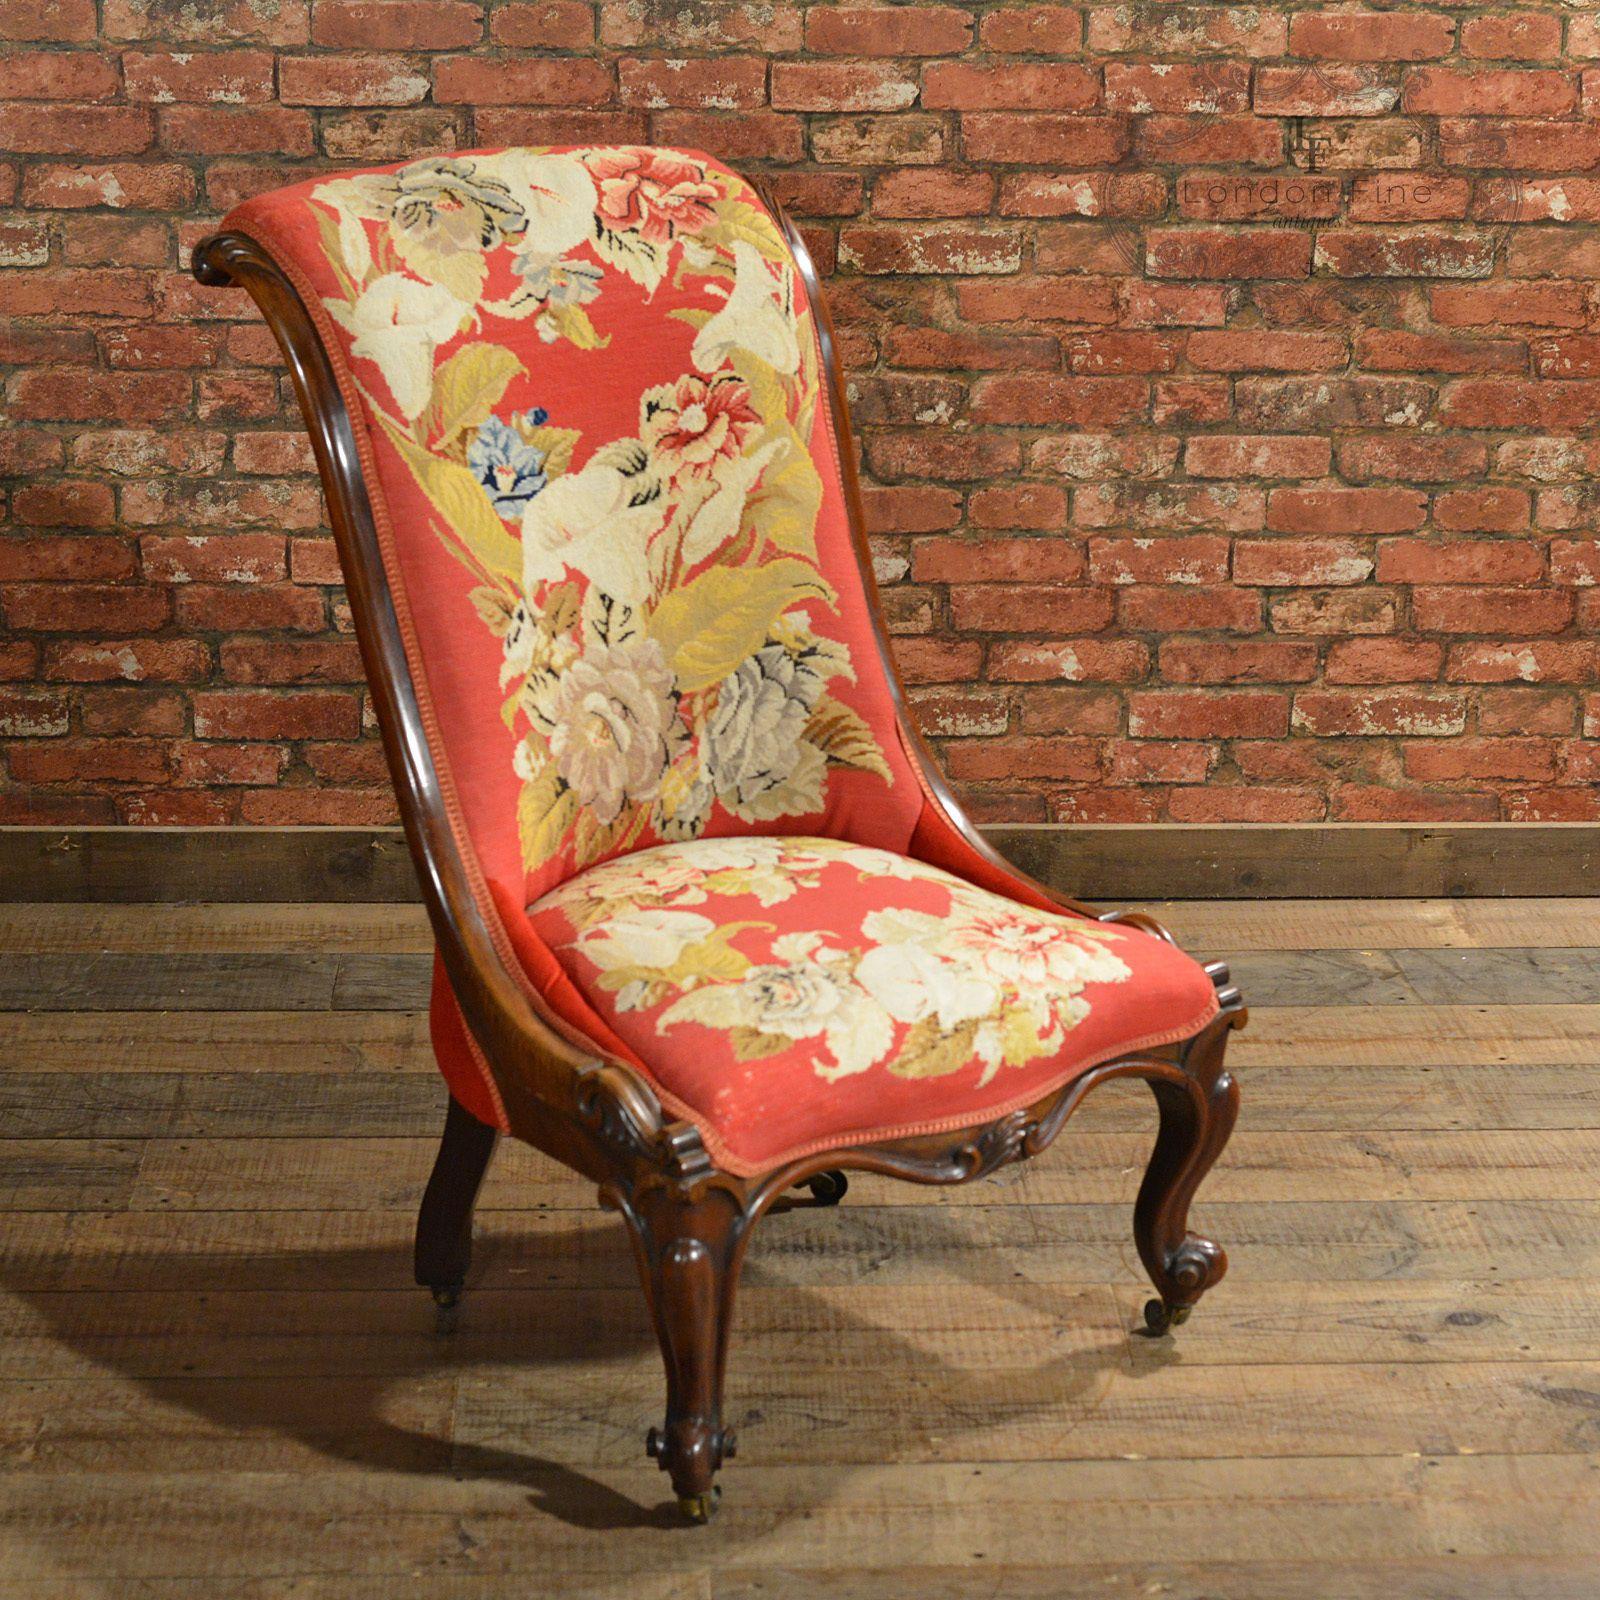 Antique nursing chair - Antique Nursing Chair Victorian Needlepoint Seat English Walnut Side C 1850 Ebay